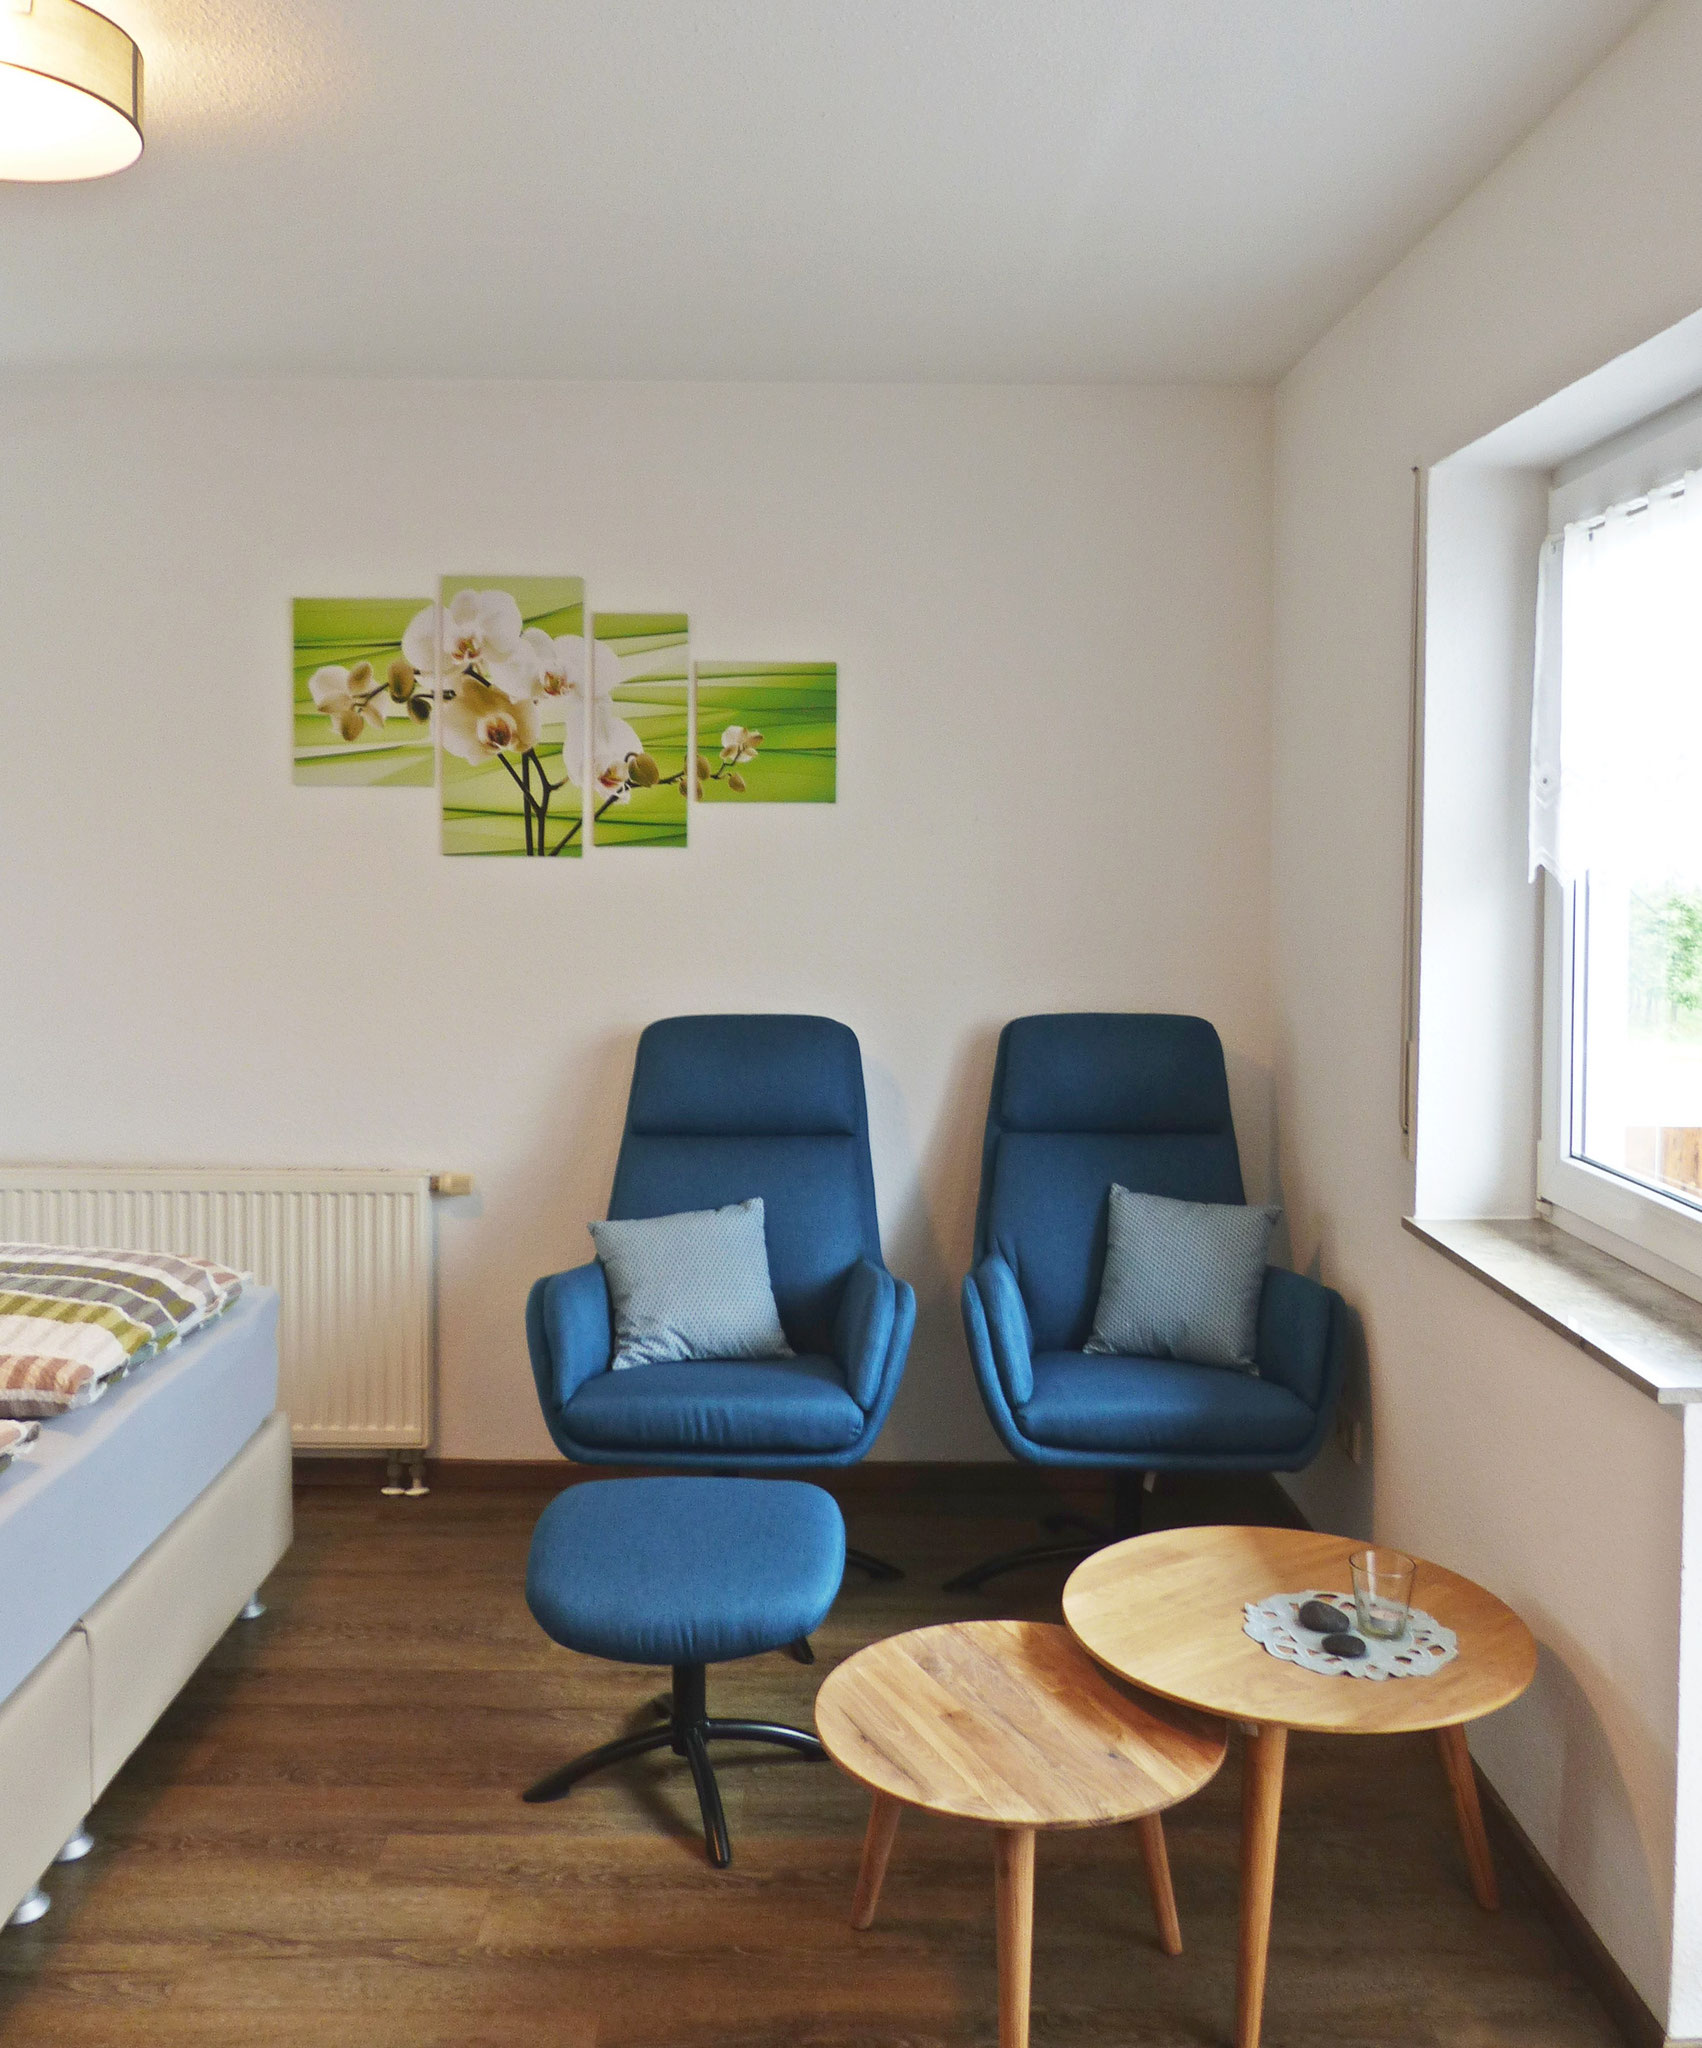 Wohnbereich mit zwei bequemen Relaxsesseln